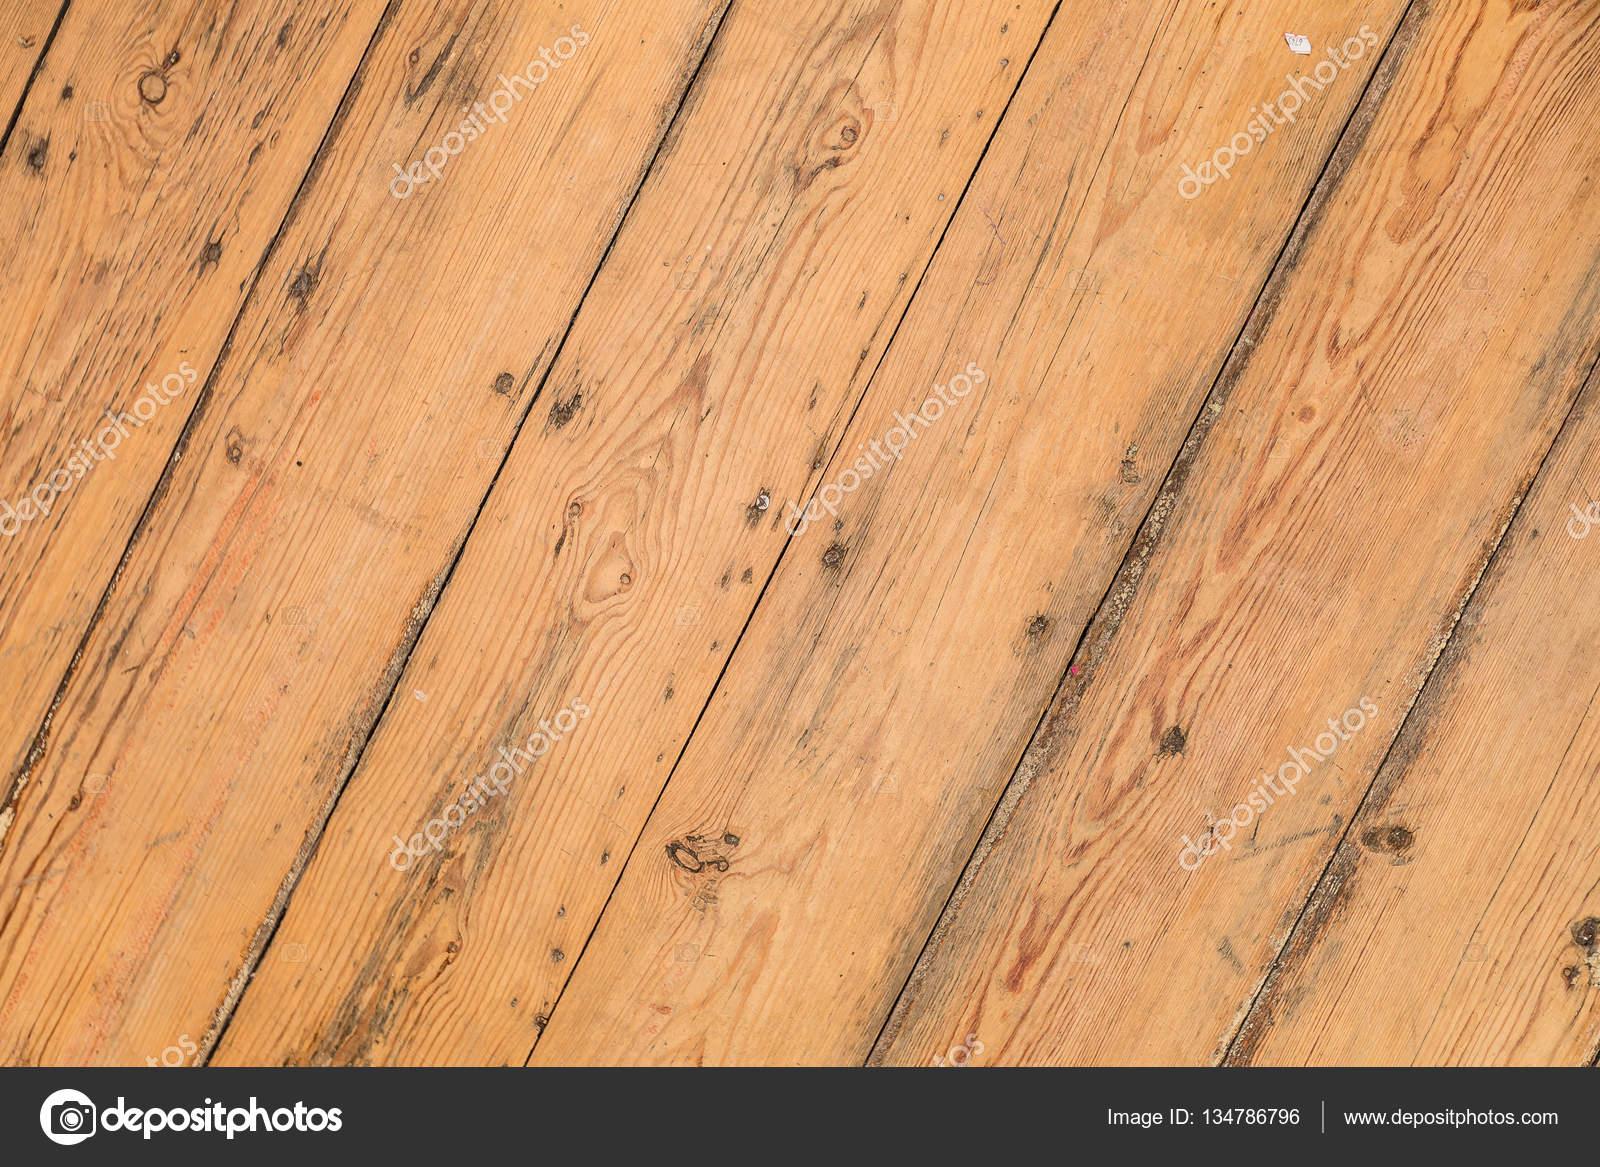 Texture du bois, une planche en bois naturelle avec des feuilles et de la sciure de bois ...